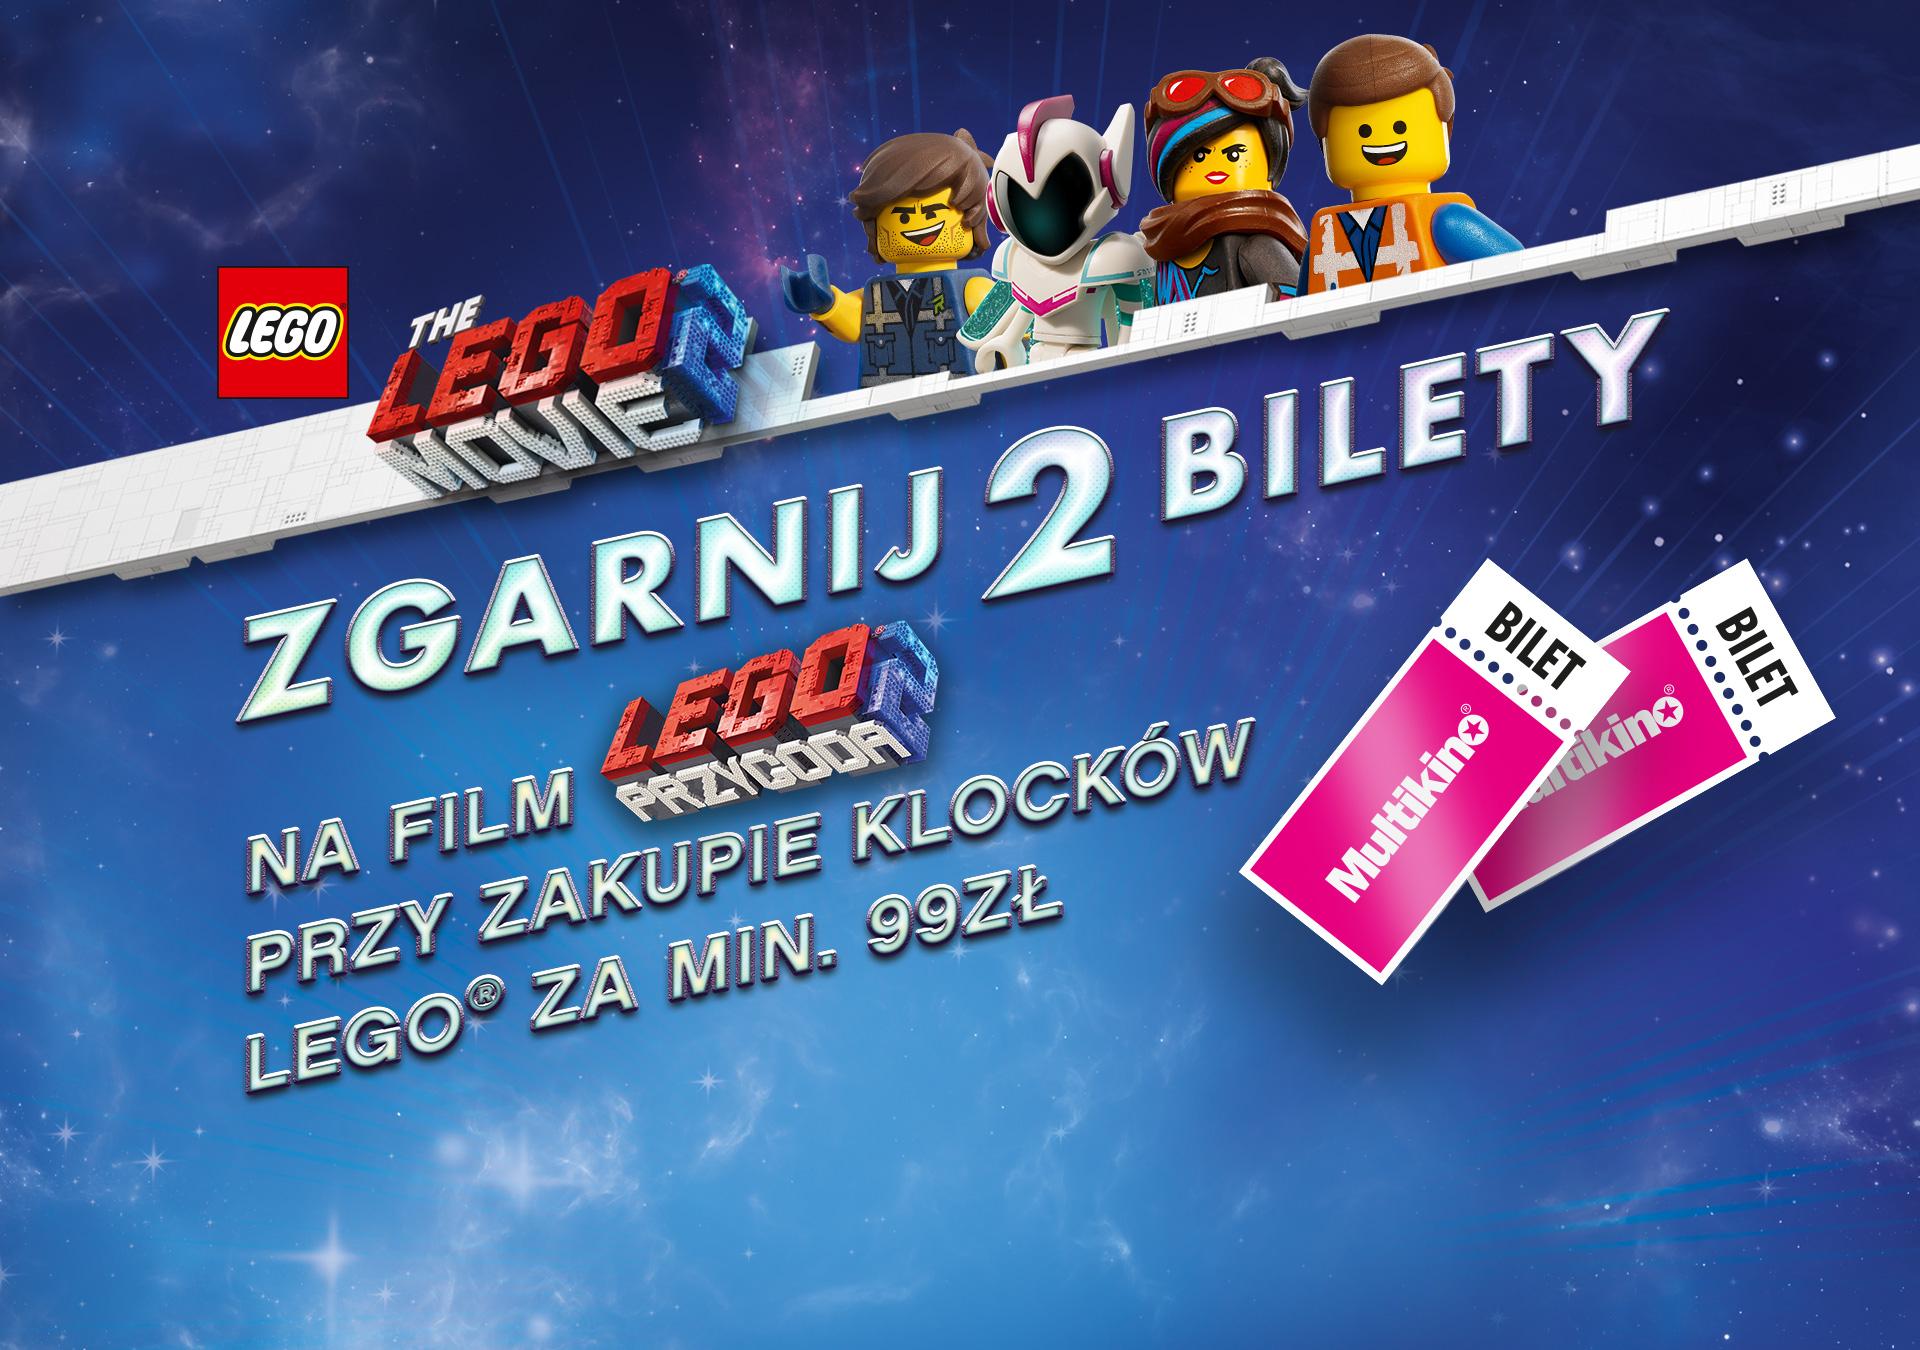 Dwa bilety na film LEGO Przygoda 2 gratis przy zakupie LEGO za min. 99zł